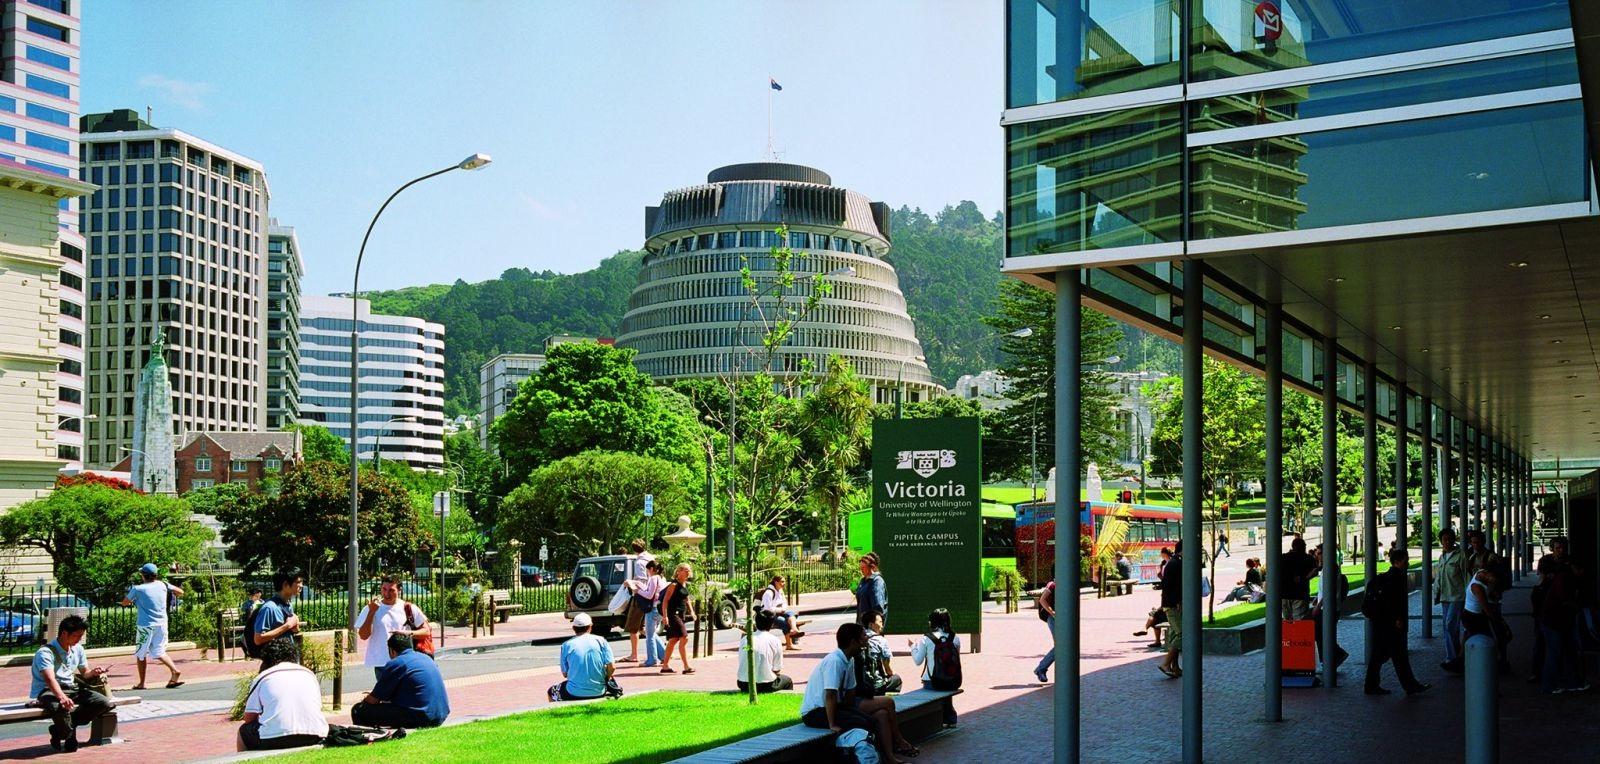 [New Zealand] Học Bổng Toàn Phần Học Phí Bậc Cử Nhân Tại Đại Học Victoria University of Wellington Dành Cho Sinh Viên ASEAN 2018